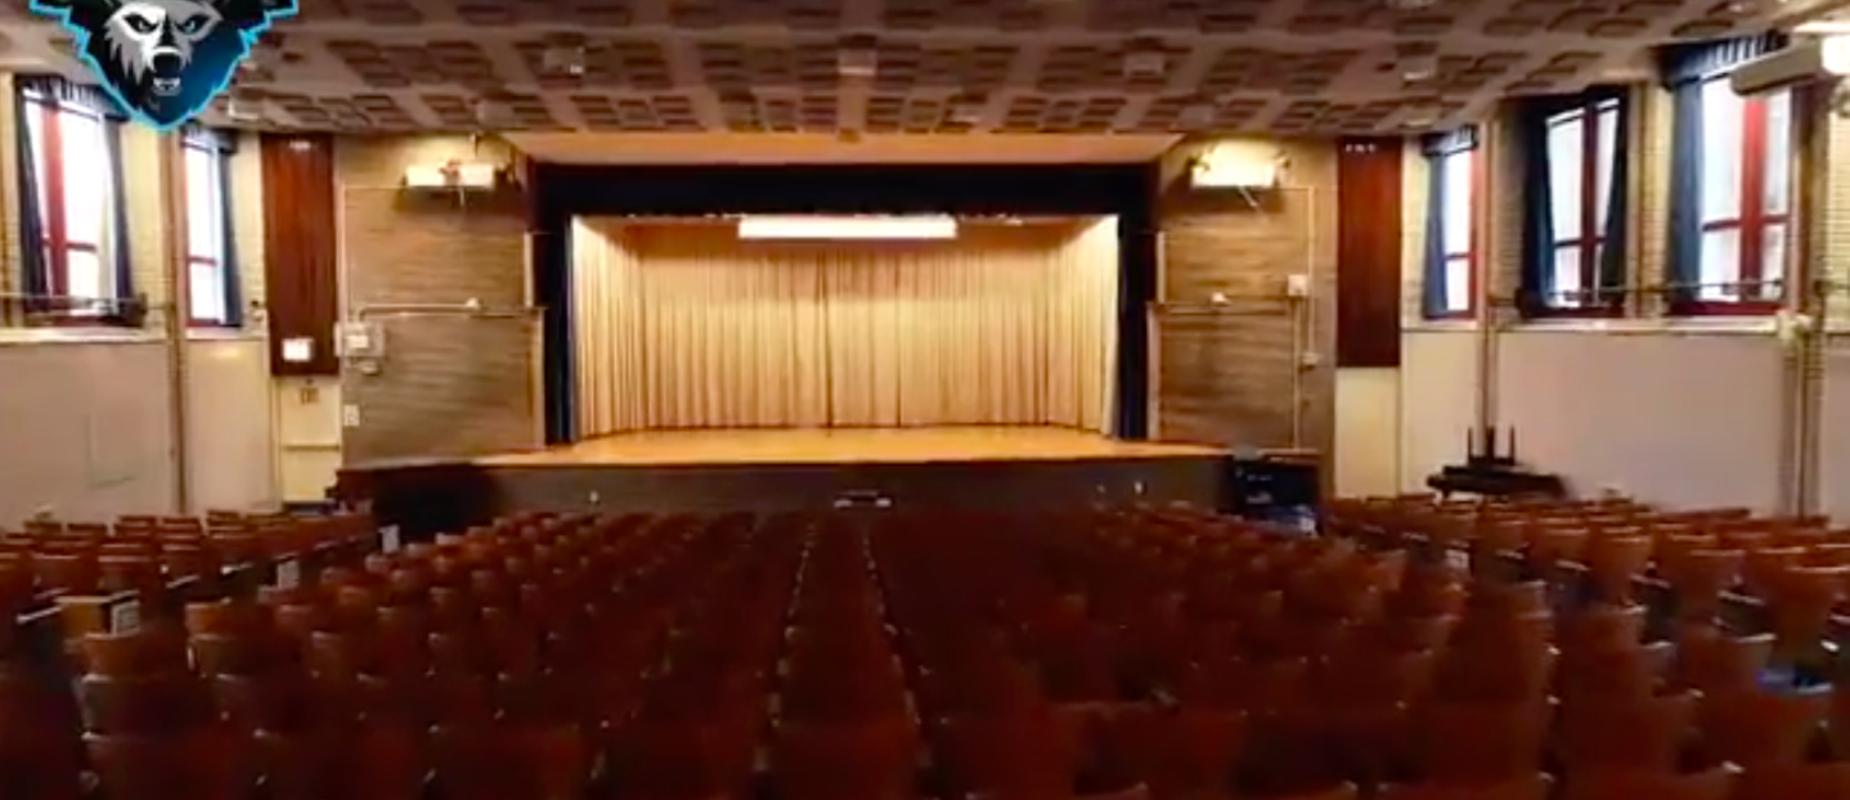 PSMS 29 School Auditorium